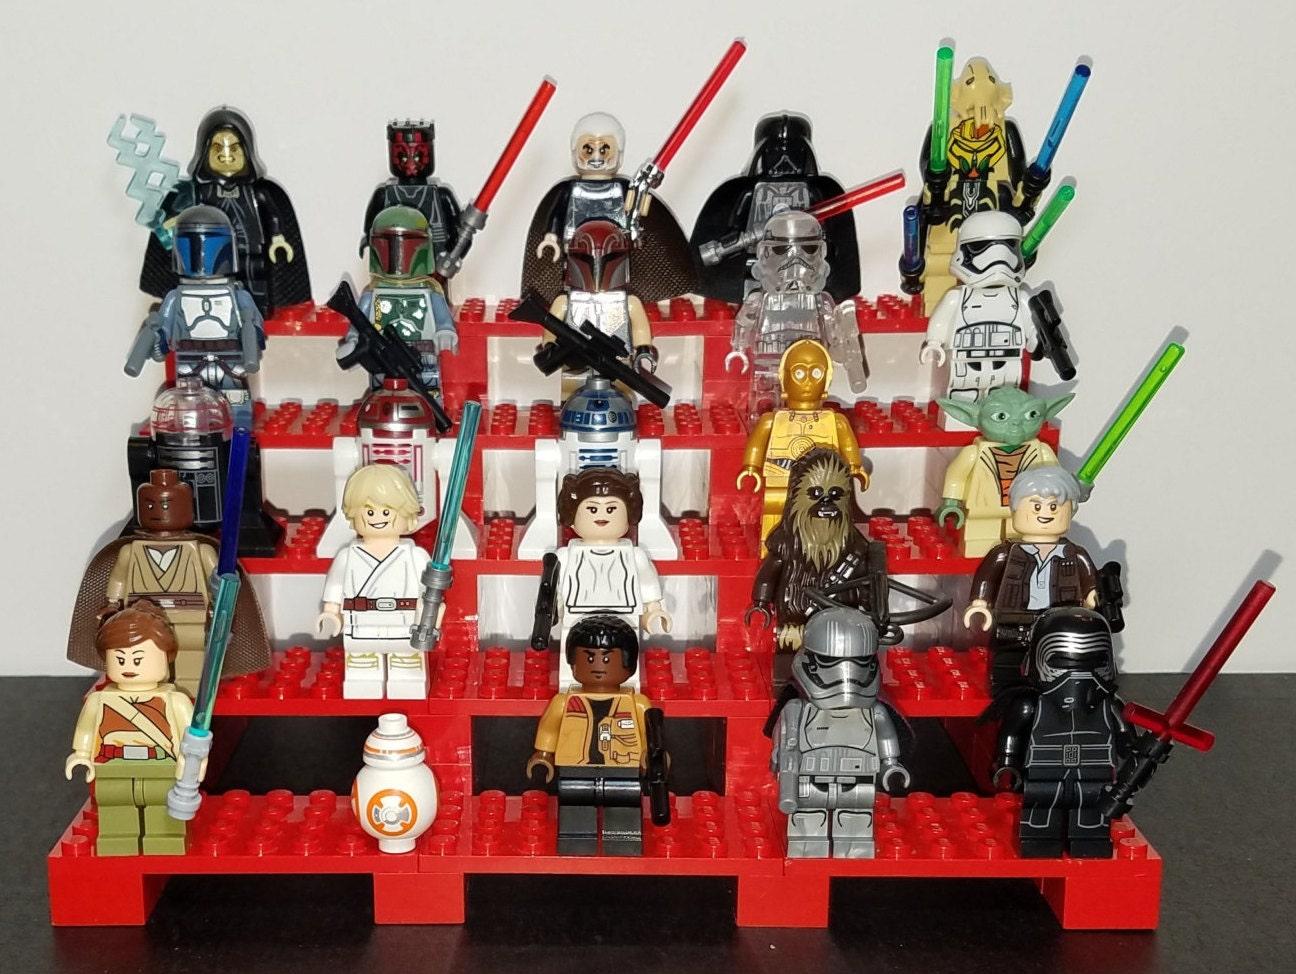 Star Wars Lego Decorations Lego Star Wars Etsy